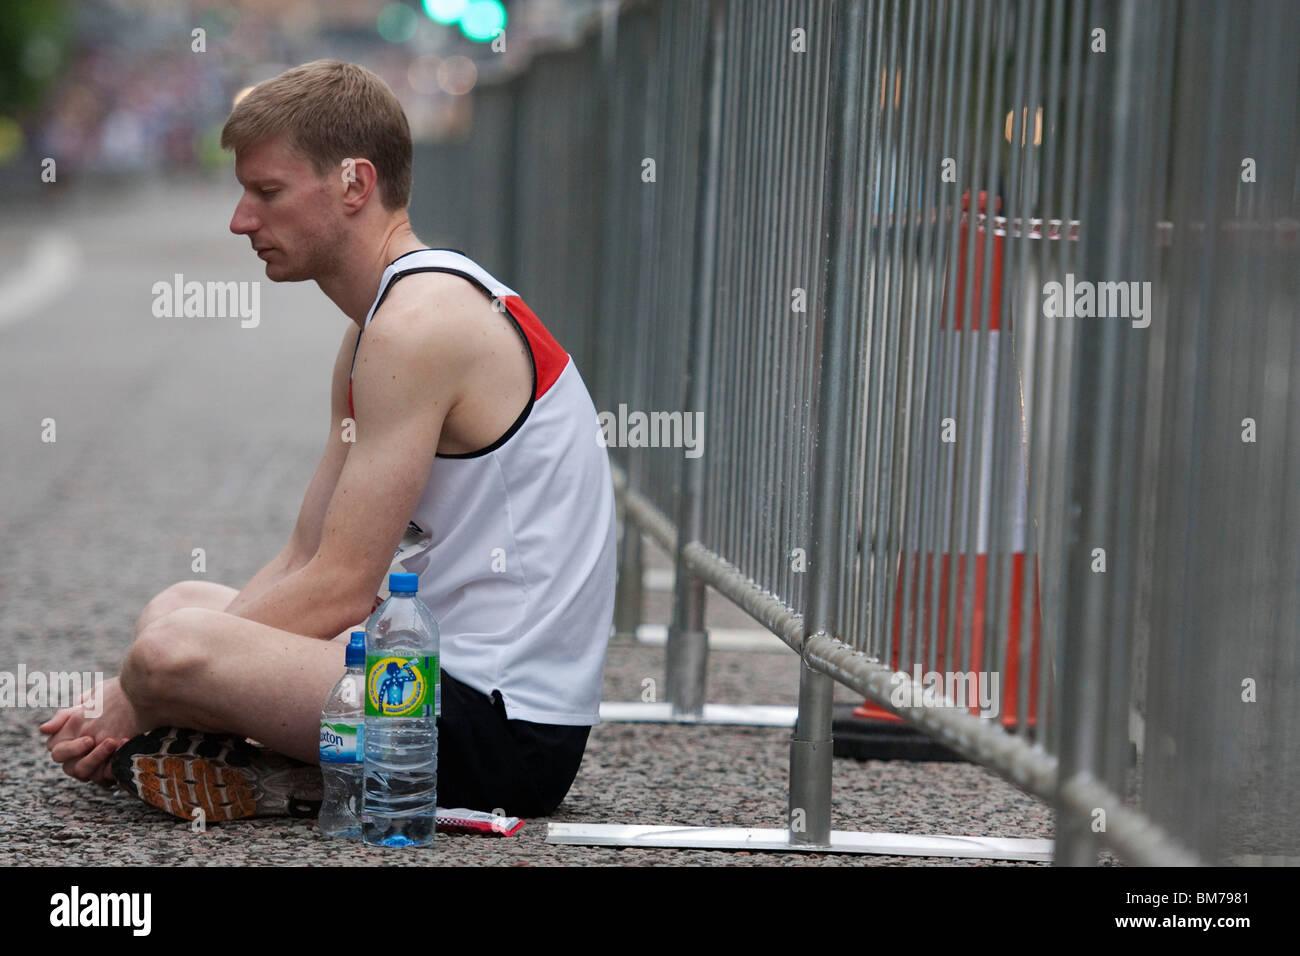 Un concorrente si siede da solo prima di iniziare la Scottish mezza maratona, parte della Maratona di Edimburgo Immagini Stock